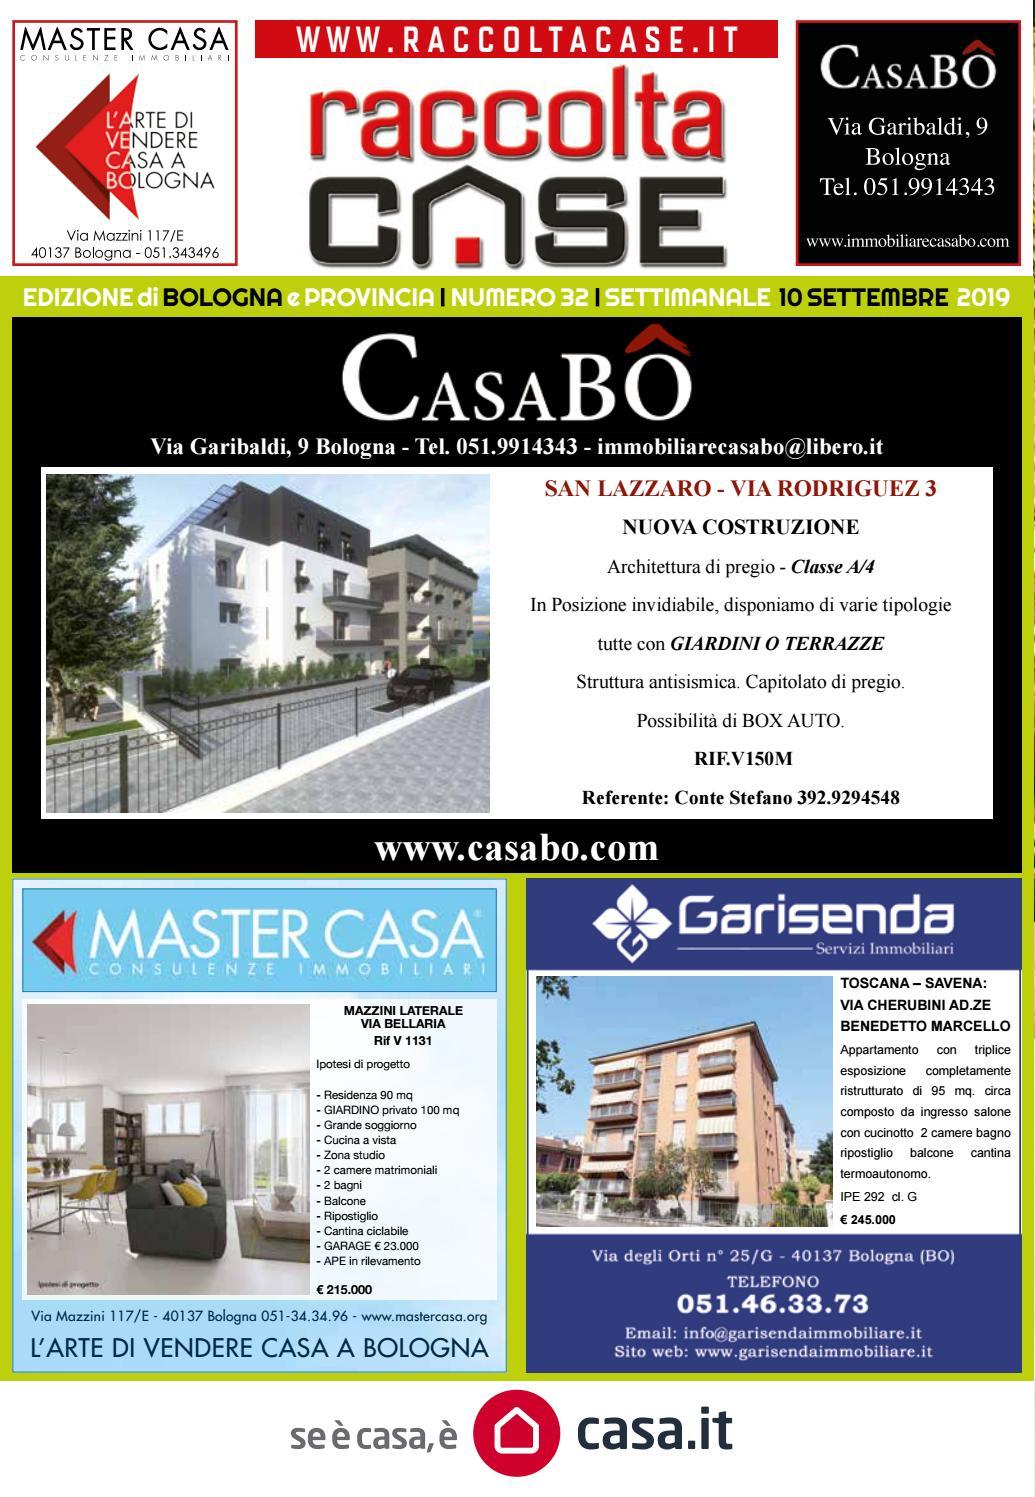 Spazio Vitale Studio Immobiliare raccoltacase bologna 32 - 2019 by publidok s.r.l. - issuu